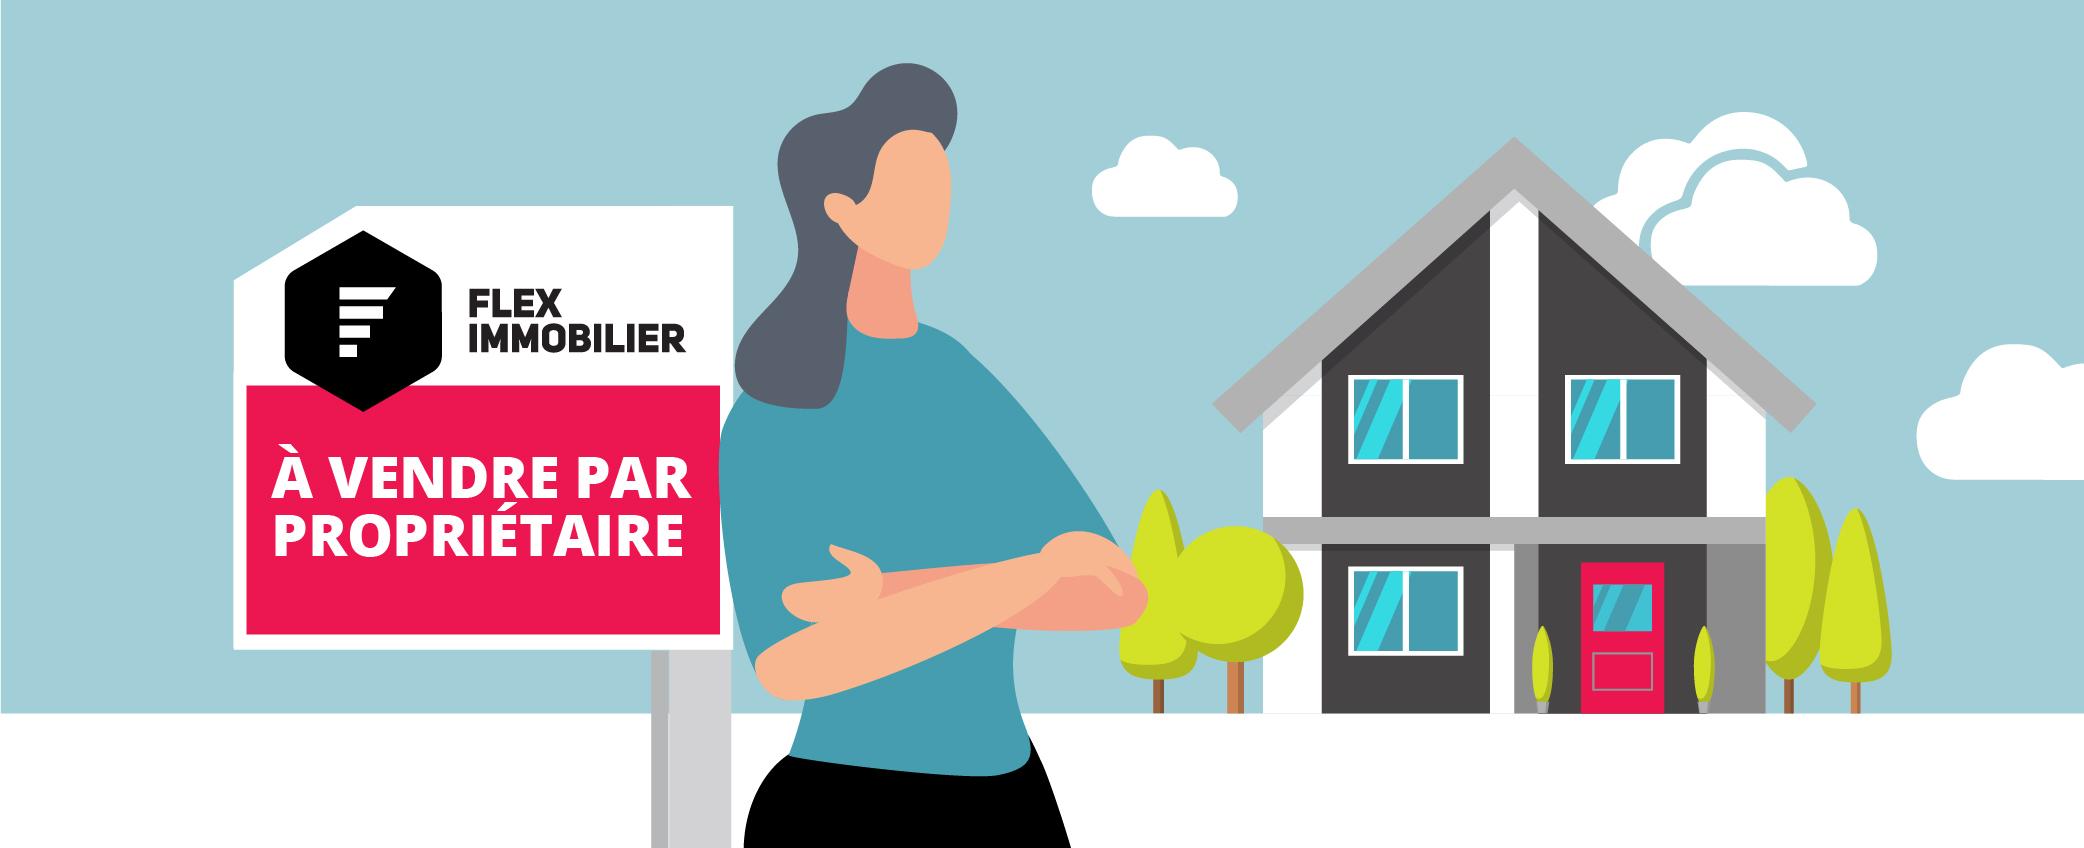 Fleximmobilier Maison à vendre ou à louer par propriétaire sans commission Forfait Visibilité